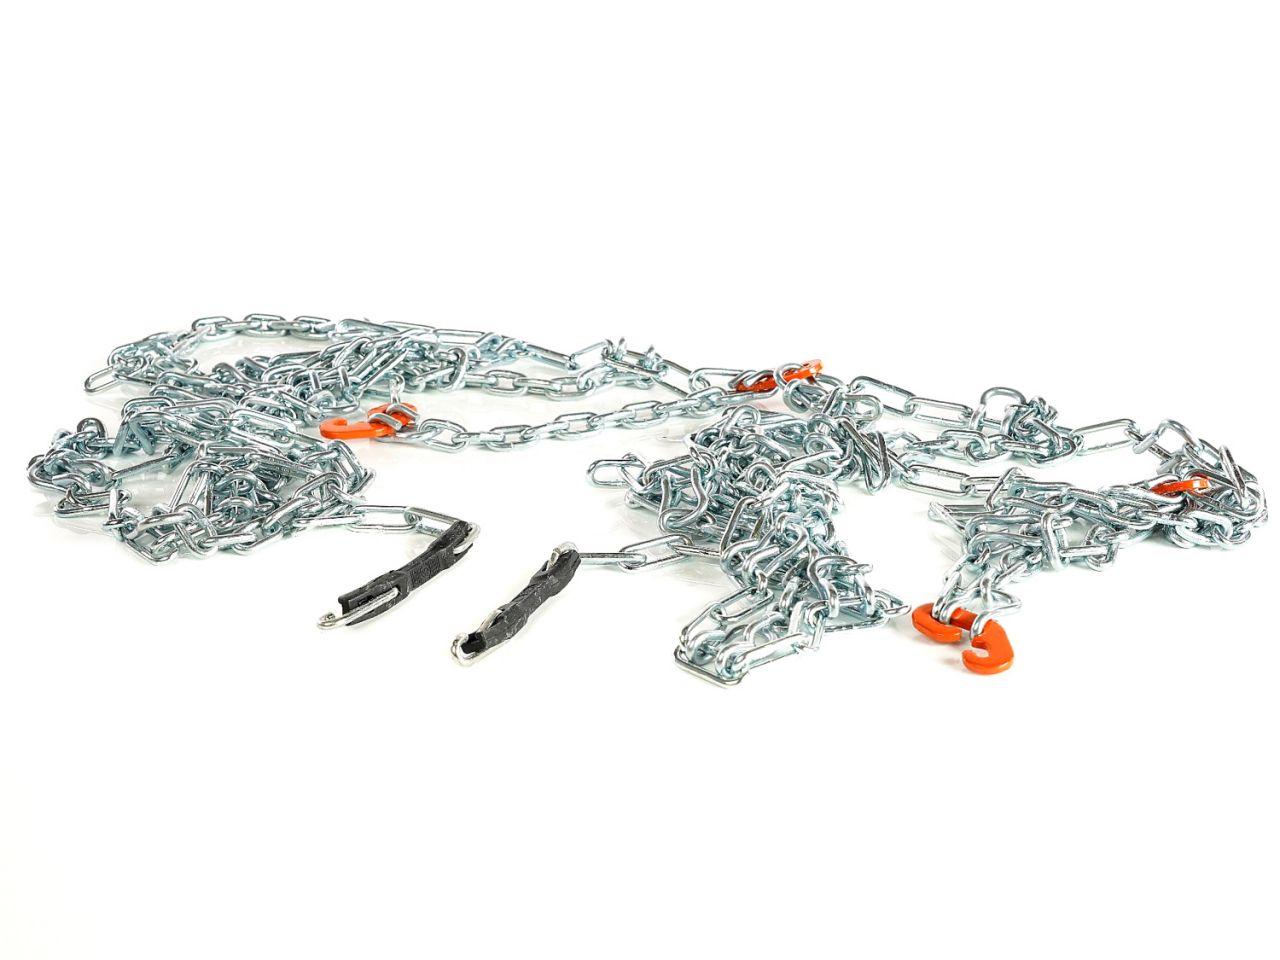 RUD Schneekette für 18 x 8.508 Reifen 9068